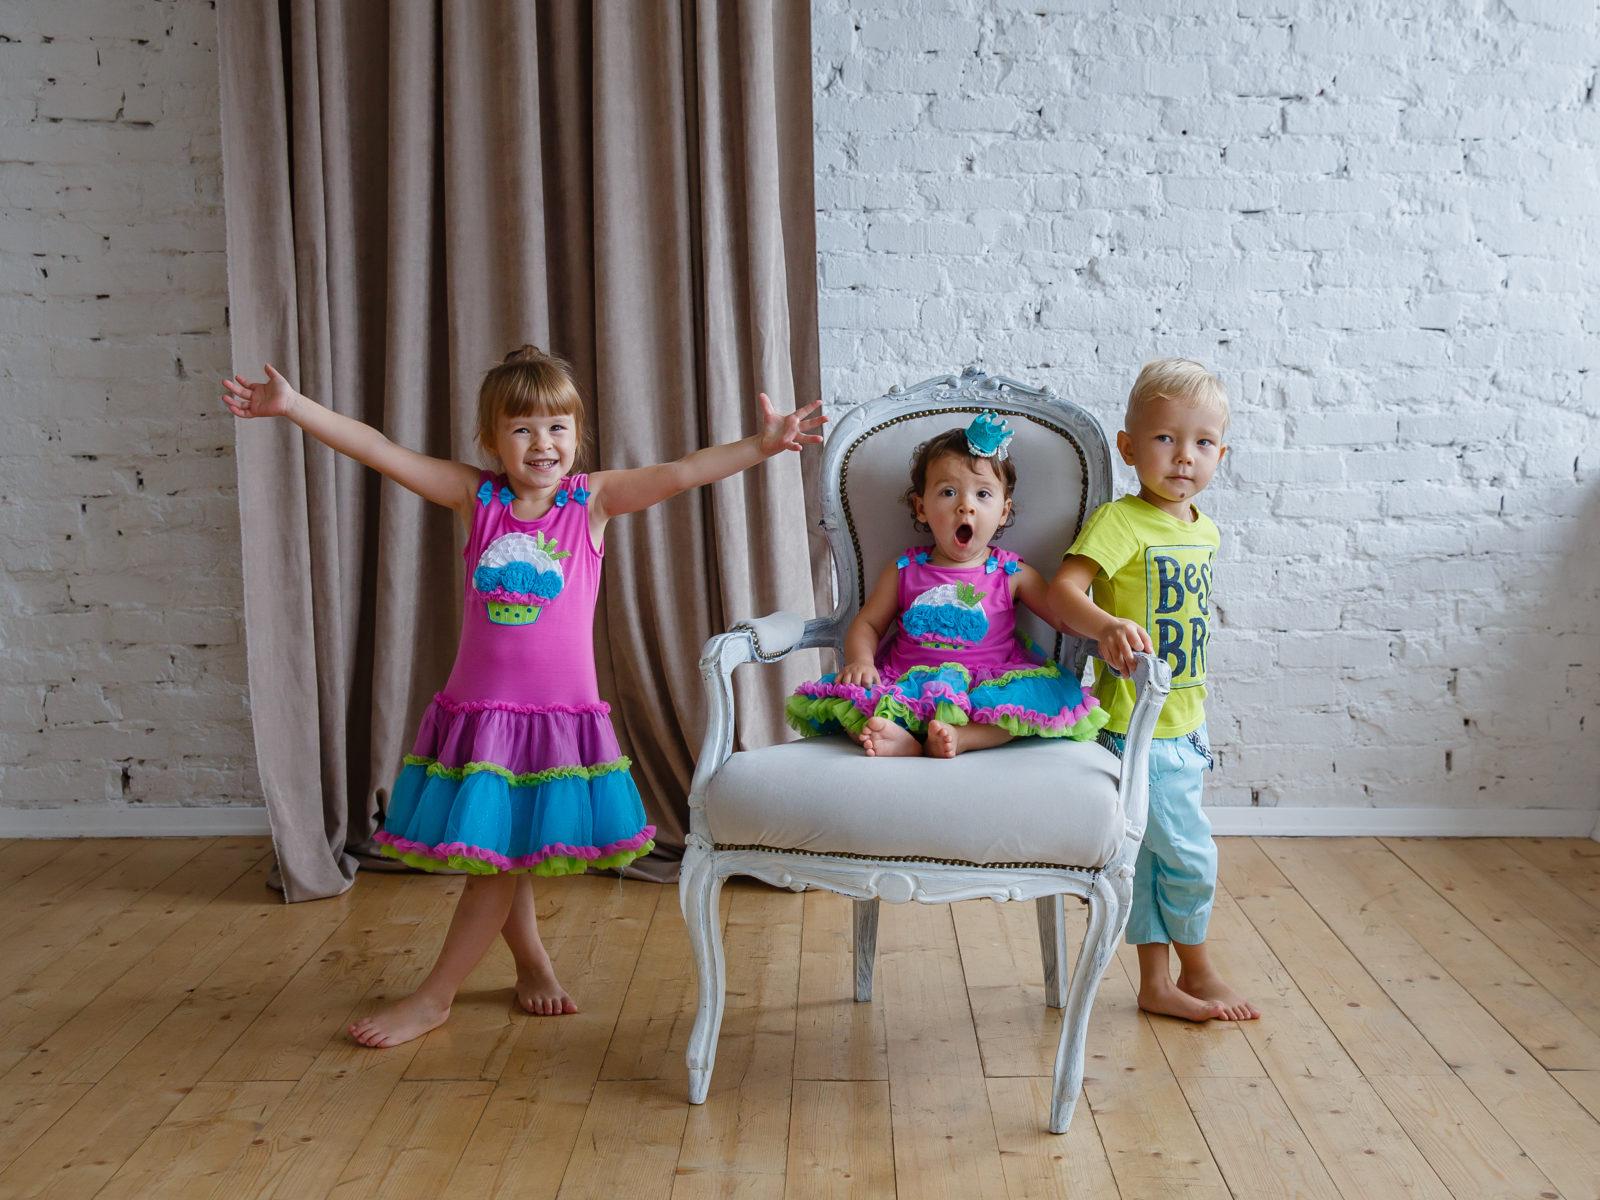 Как фотографировать детей: советы от Любы Забелкиной (часть 2)